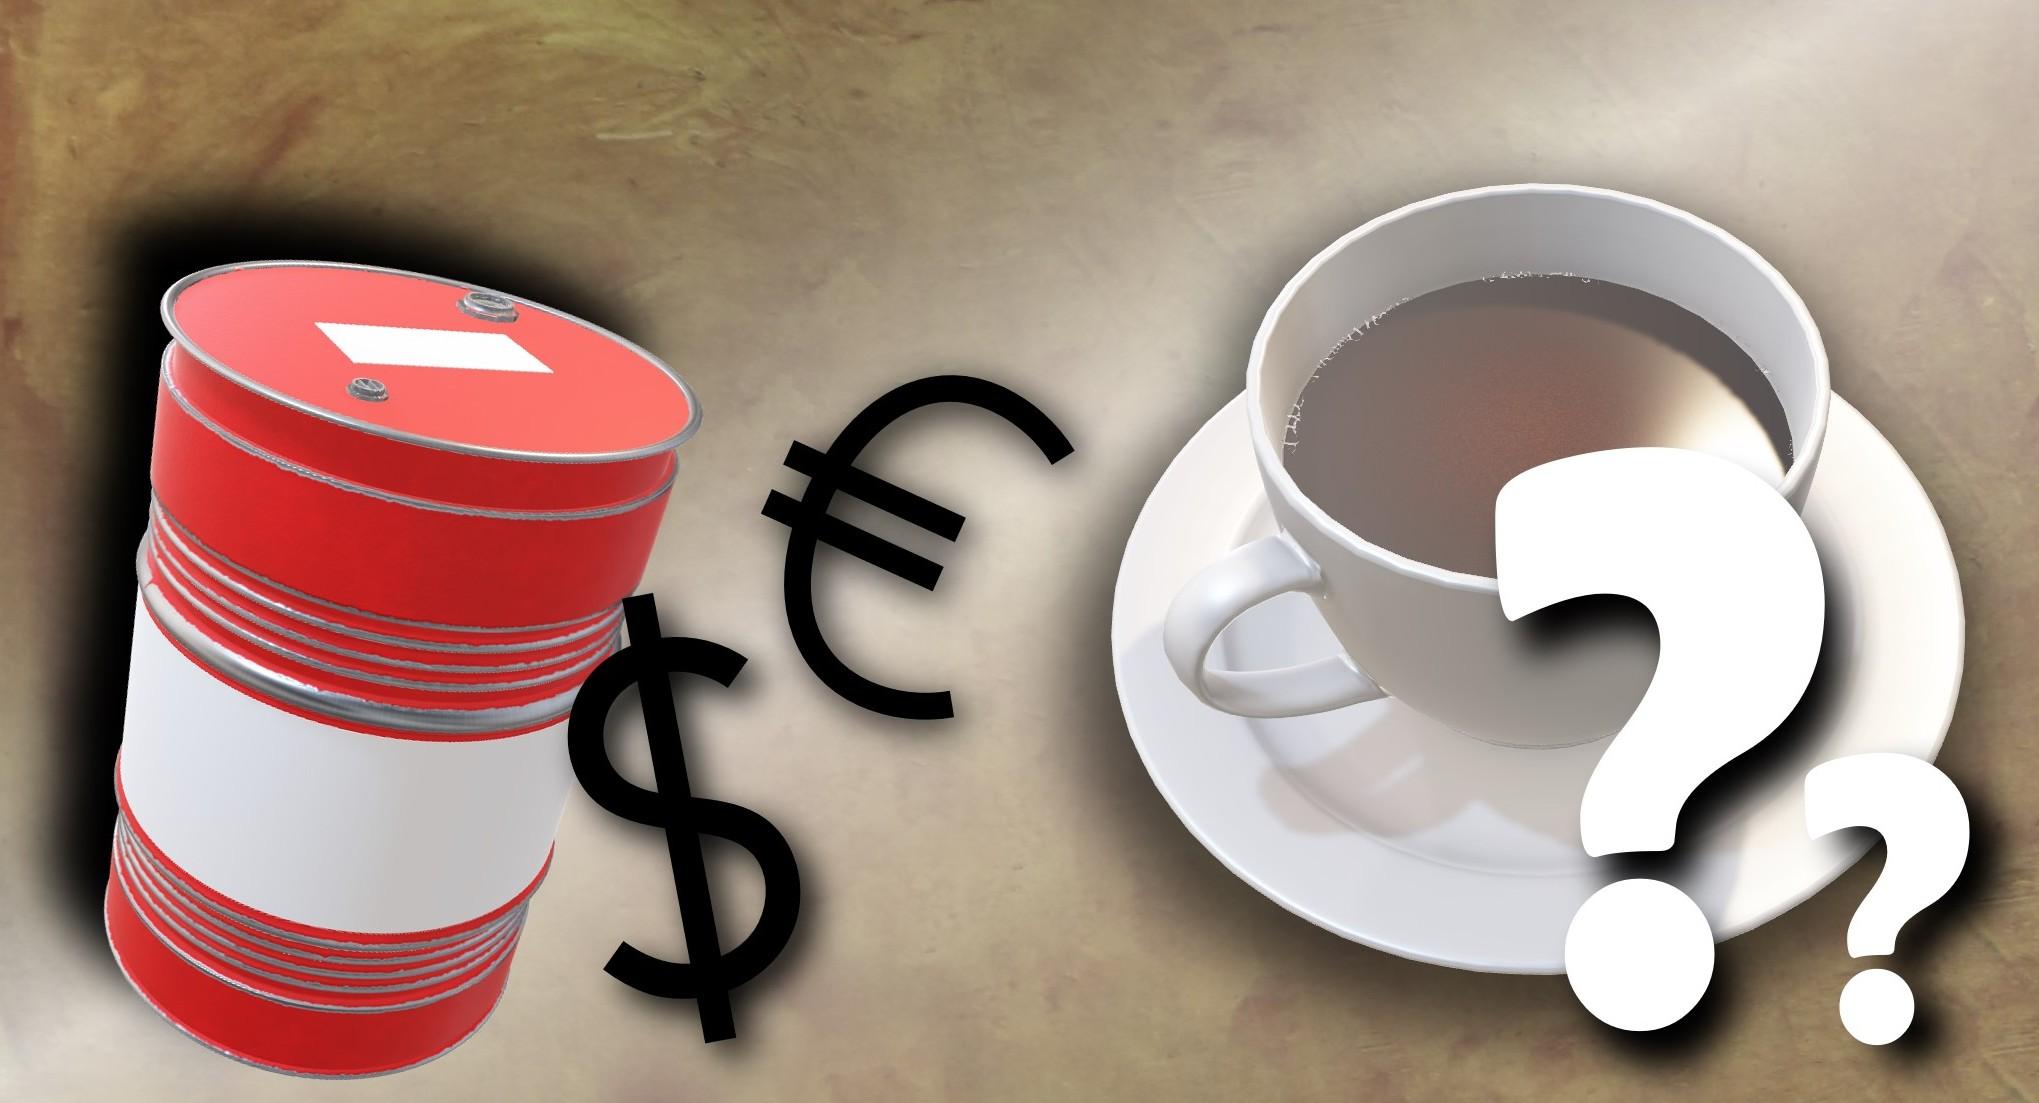 Kaffee zweitwichtigstes Handelsgut nach Erdöl? Die überfällige Korrektur einer Legende …